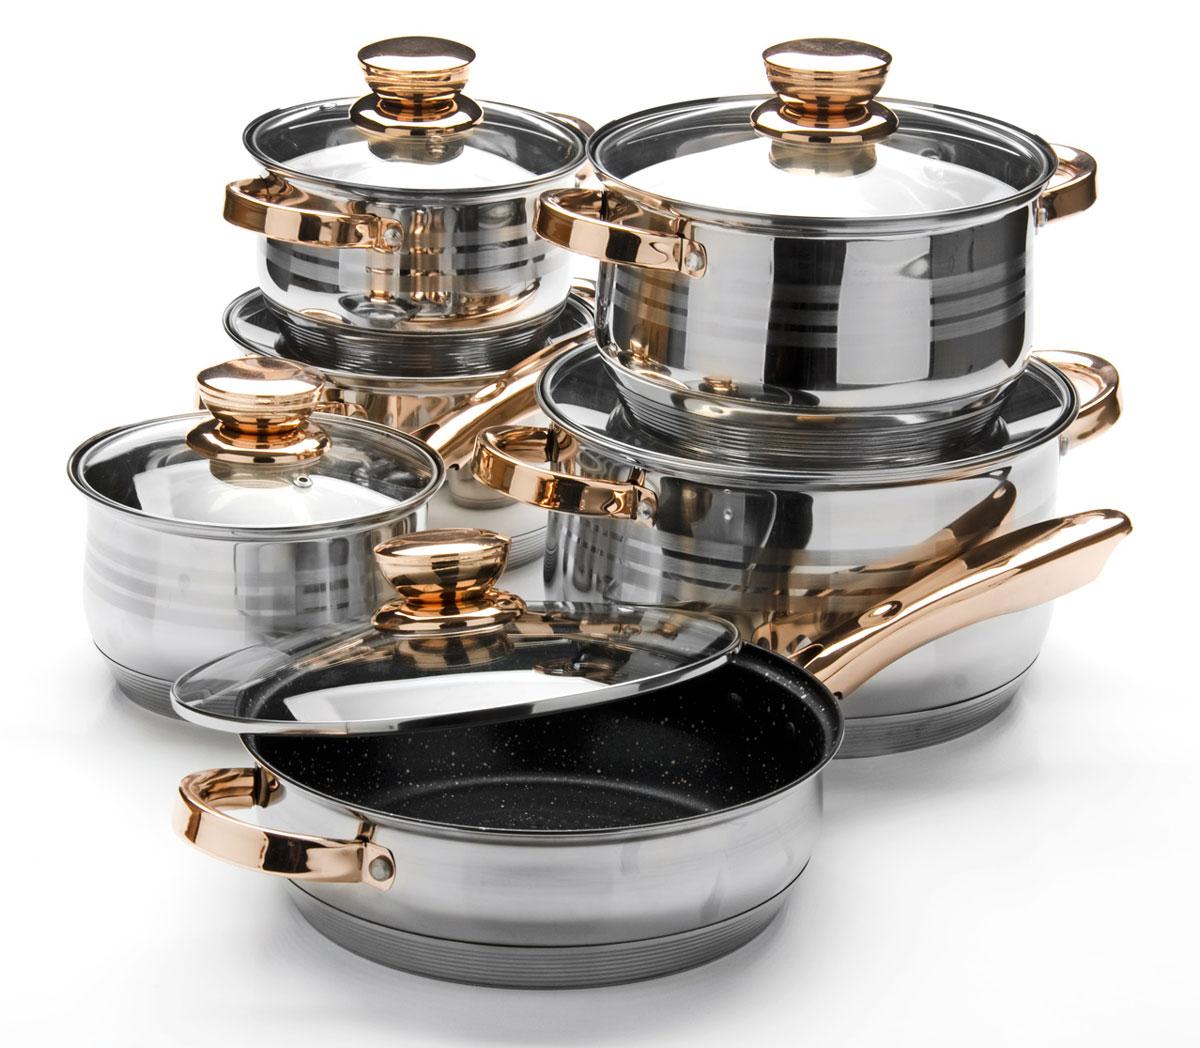 Набор посуды Mayer & Boch, 12 предметов. 2603426034Набор посуды Mayer & Boch изготовлен из высококачественной нержавеющей стали с толщиной стенок 4 мм и усиленным индукционным дном. Этот набор кастрюль предназначен для здорового и экологичного приготовления пищи, качественная сталь обеспечит быстрый нагрев продуктов и надолго сохранит тепло. Сковорода имеет внутреннее антипригарное покрытие (мраморная крошка). Изделия снабжены крышками из термостойкого стекла с паровыпуском и металлическим ободом, а также удобными не нагревающимися стальными ручками цвета розового золота. Внешняя поверхность посуды гладкая с зеркальной полировкой и гравировкой в форме колец. Изделия легко и просто моются. В комплекте 12 предметов: 4 кастрюли с крышками, 1 сотейник с крышкой, 1 сковорода с крышкой. Сотейник: (2,1 л) D16 х 10,5 см. Кастрюля: (2,1 л) D16 х 10,5 см. Кастрюля: (2,9 л) D18 х 11,5 см. Кастрюля: (3,9 л) D20 х 12,5 см. Кастрюля: (6,6 л) D24 х 14,5 см. Сковорода: (3,4 л) D24 х 7,5 см. Подходит для использования на всех типах плит, включая индукционные. Подходит для мытья в посудомоечной машине. Рекомендуем!